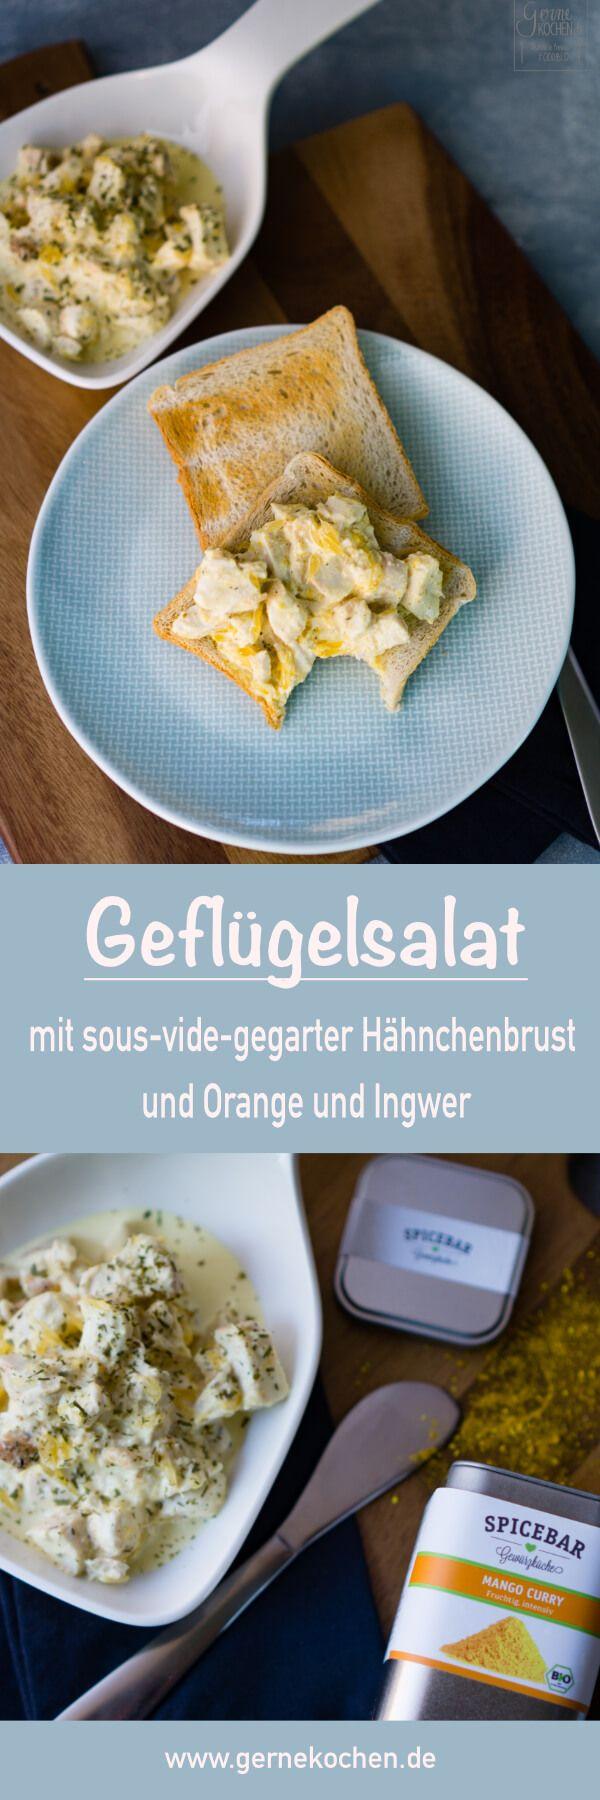 Geflügelsalat mit sous-vide-gegarter Hähnchenbrust, verfeinert mit Orange und Ingwer.